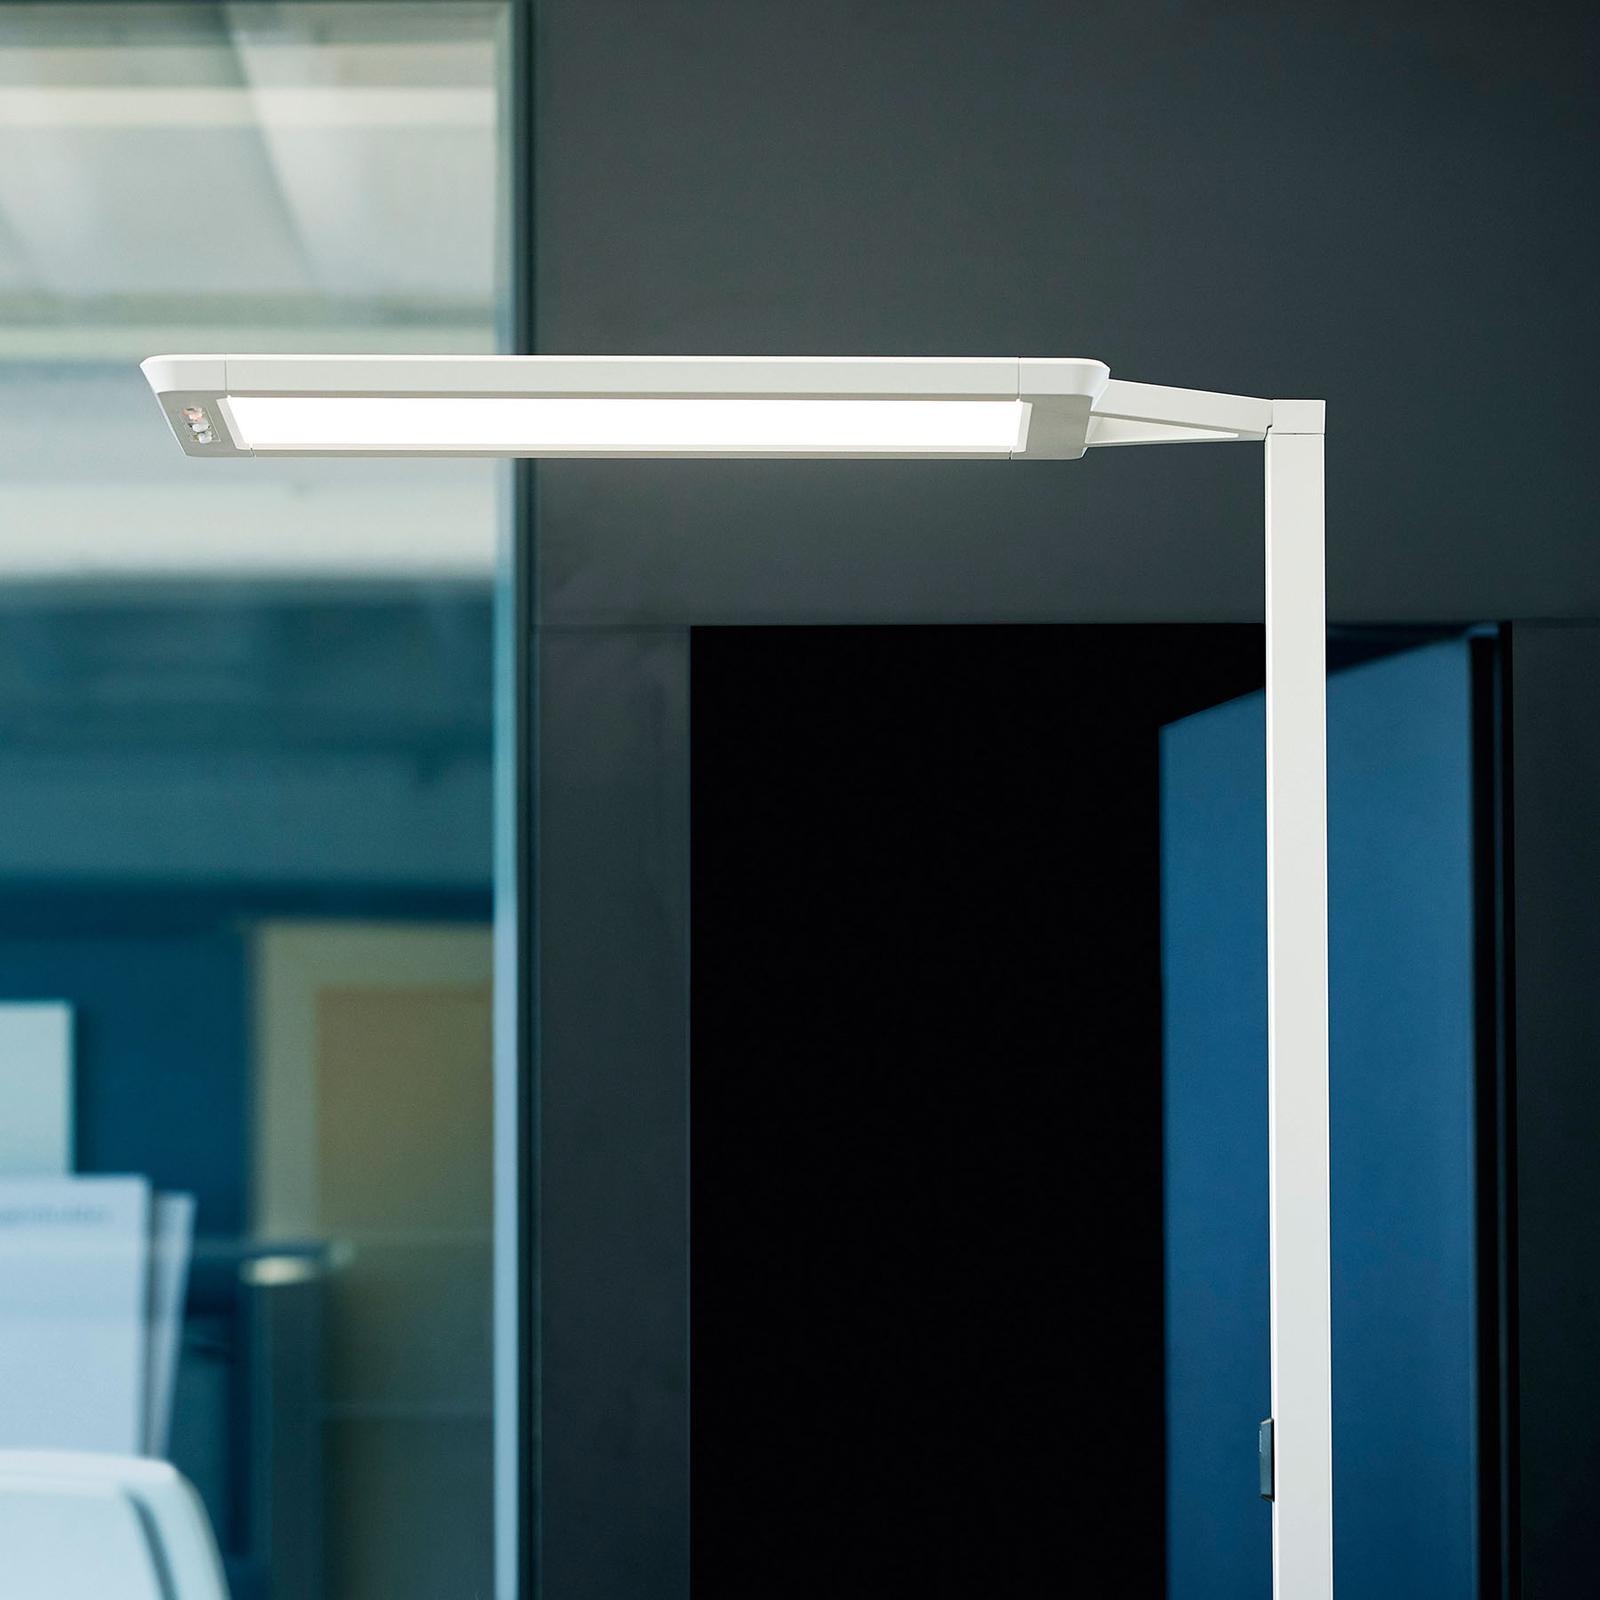 LED-lattiavalaisin Yara.single 4000K LTX, hopea